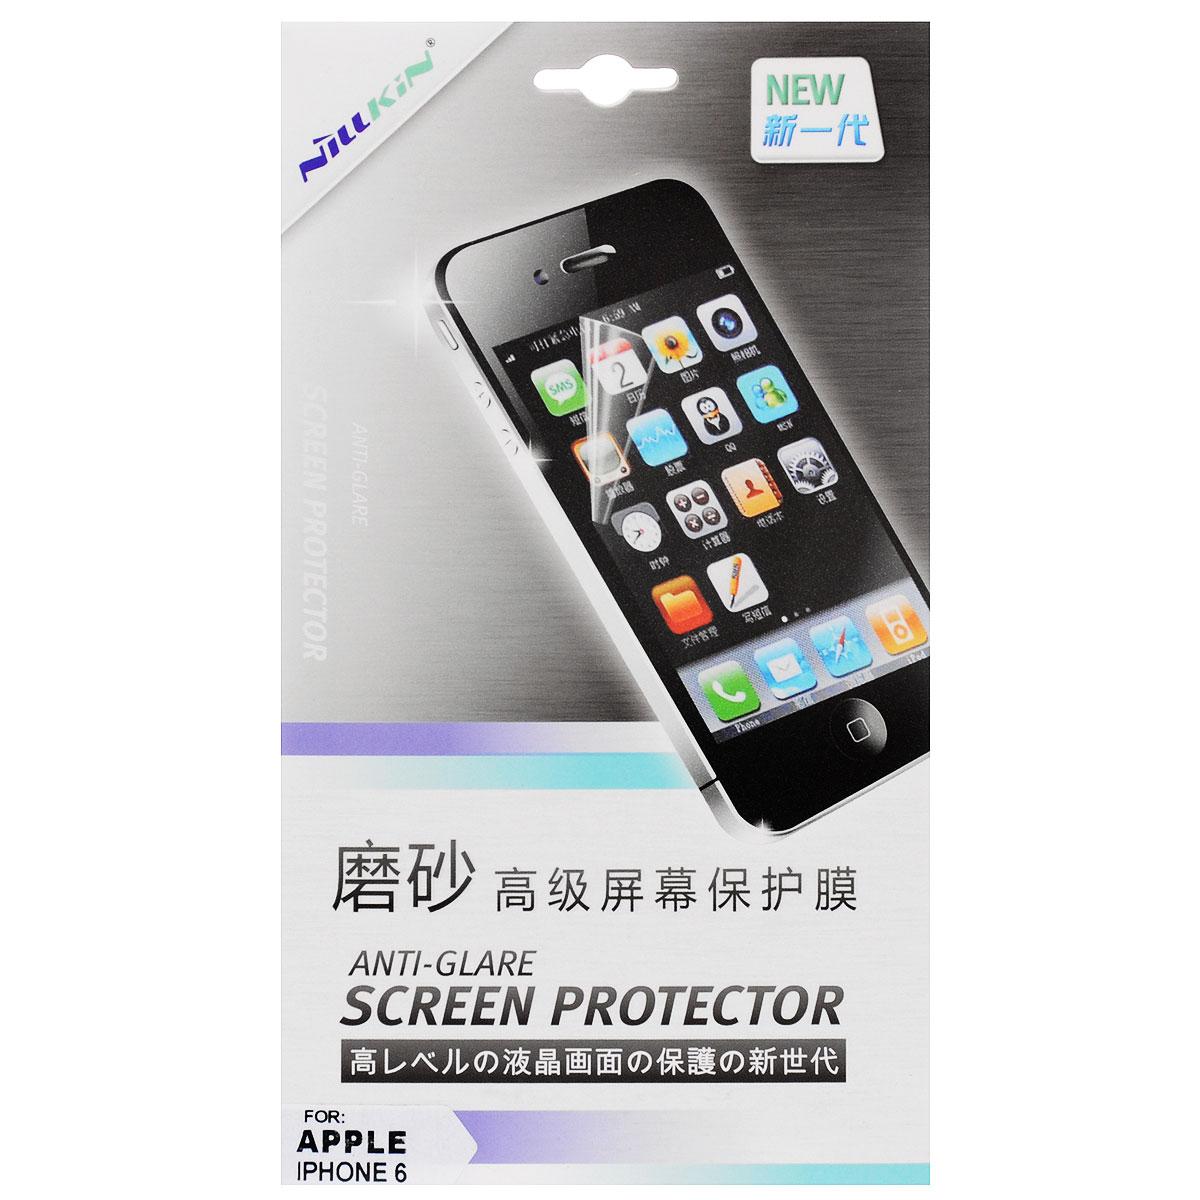 Nillkin Screen Protector защитная пленка для Apple iPhone 6, матоваяSP-062Защитная пленка Nillkin Screen Protector для Apple iPhone 6 сохраняет экран гладким и предотвращает появление на нем царапин и потертостей. Структура пленки позволяет ей плотно удерживаться без помощи клеевых составов. Пленка практически незаметна на экране устройства и сохраняет все характеристики цветопередачи и чувствительности сенсора.